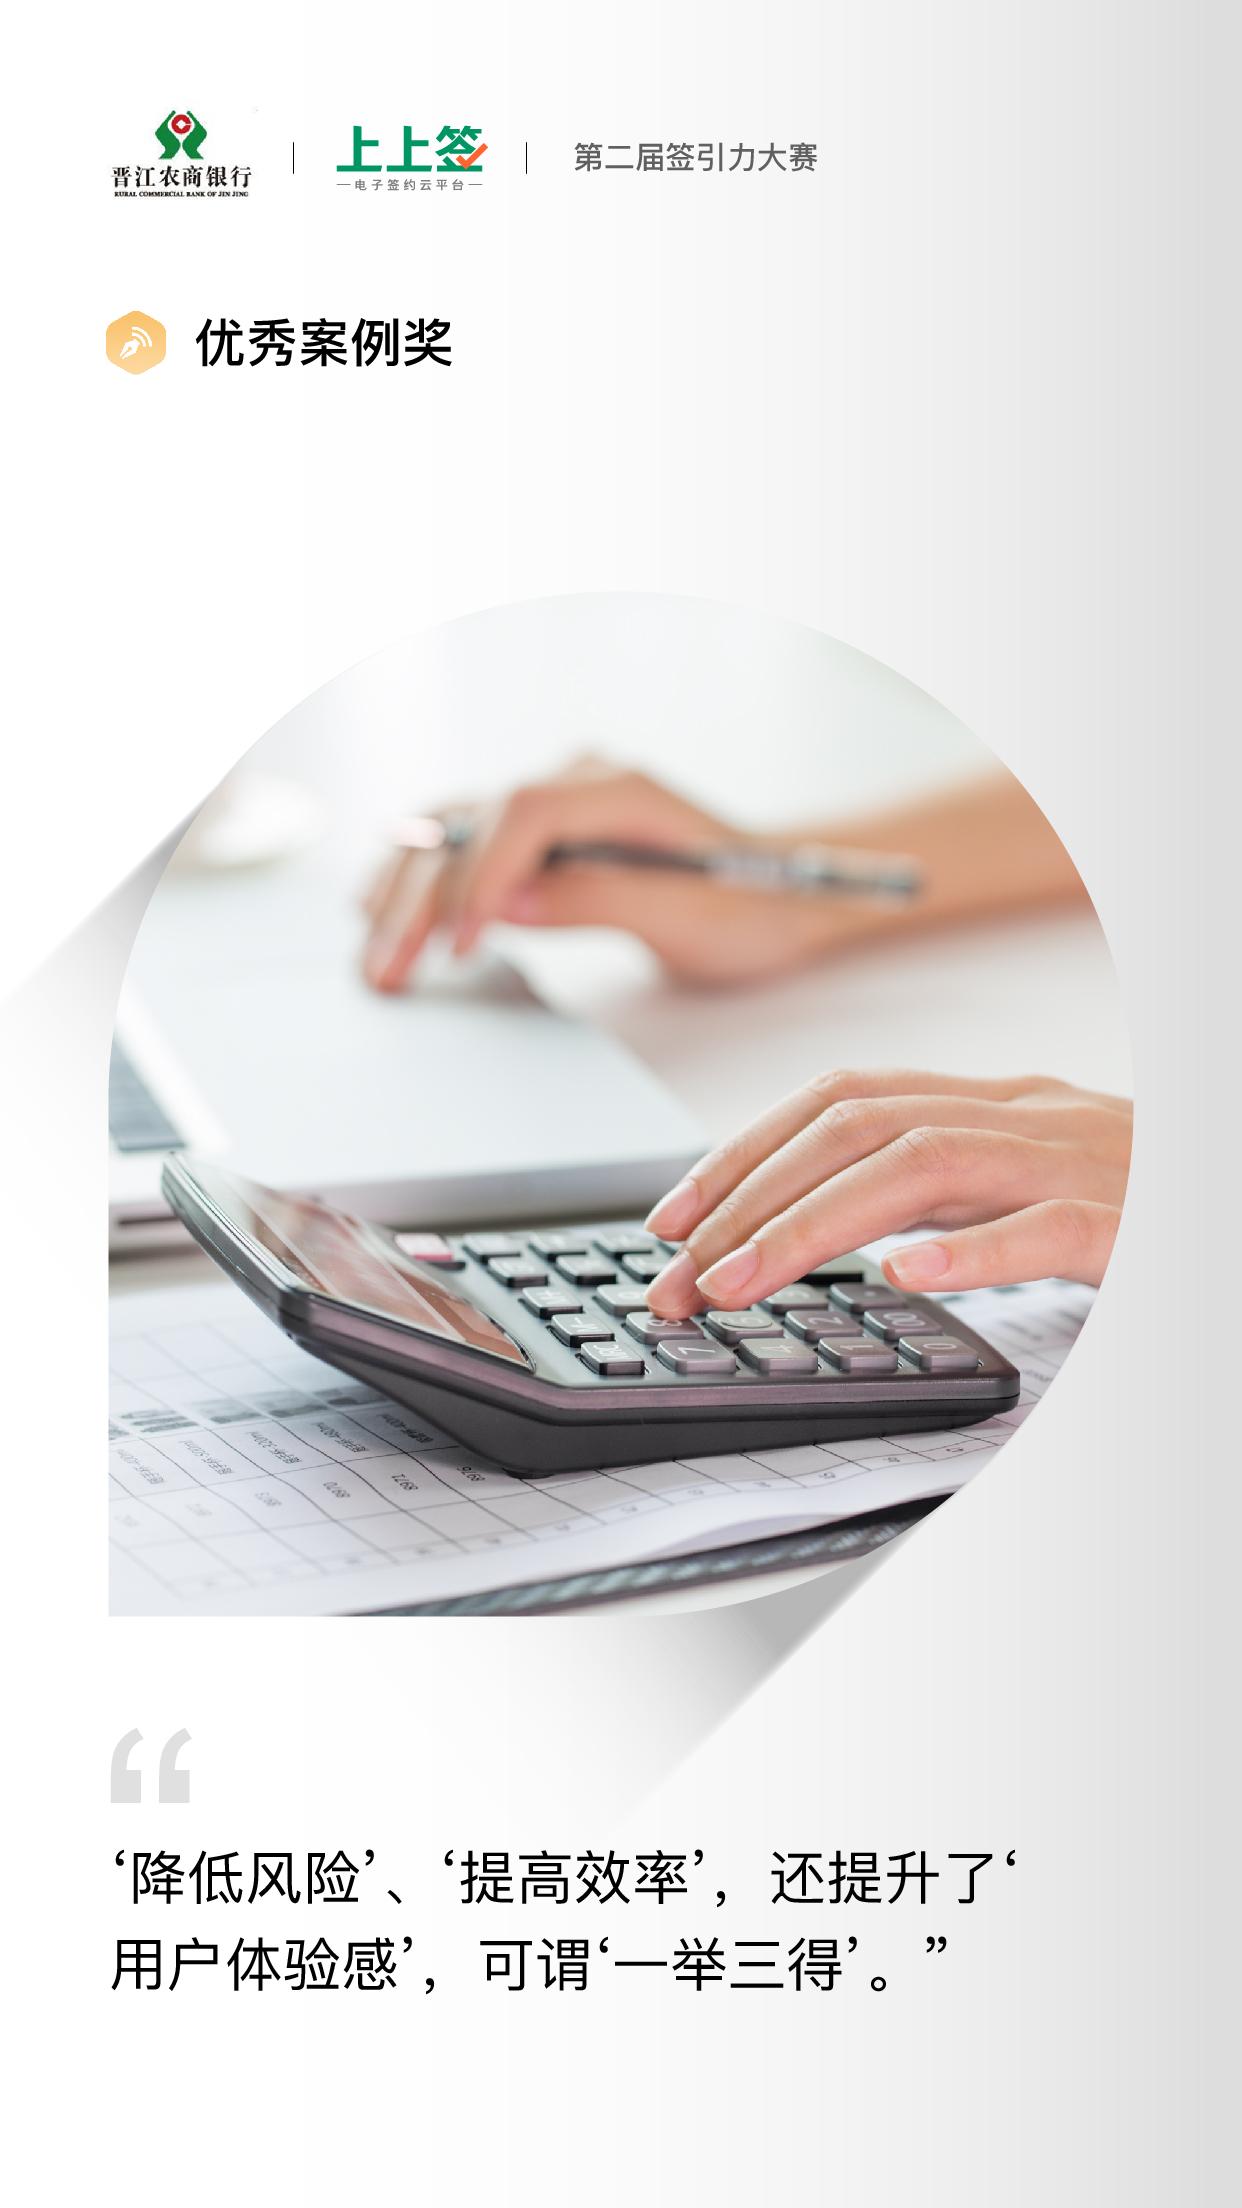 晋江农商行引入上上签电子签约开启智慧金融